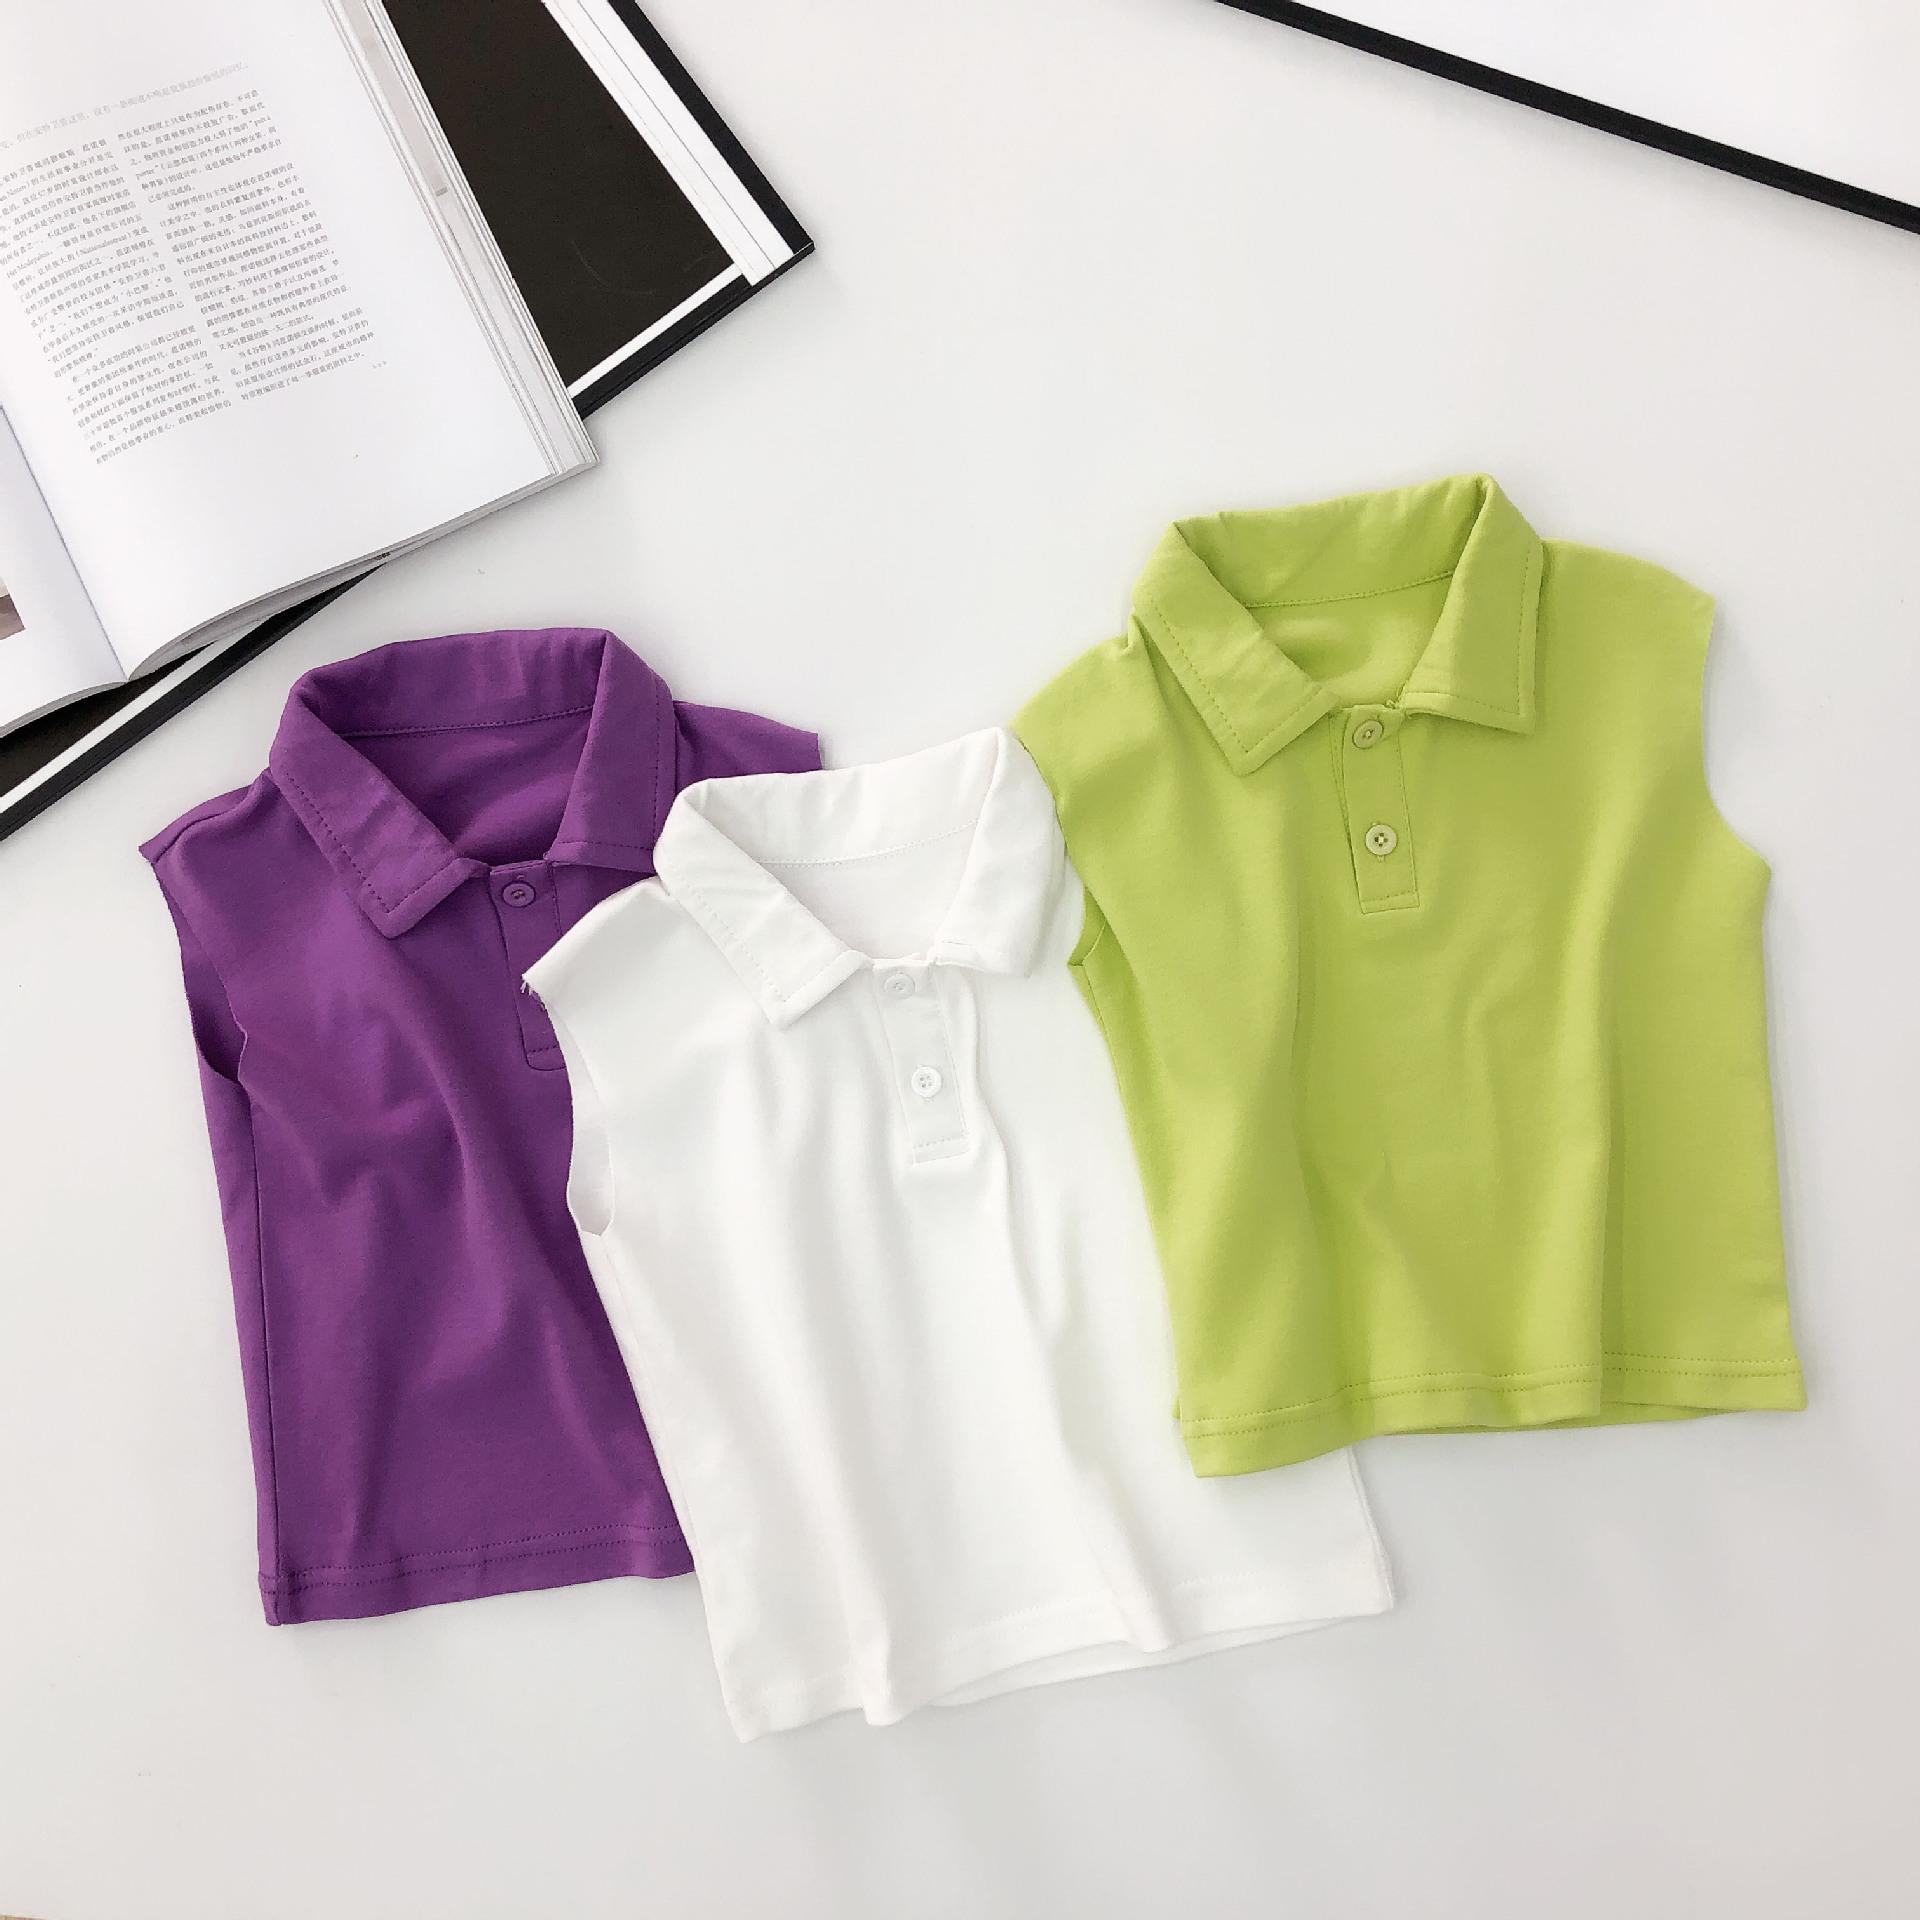 RYBB Phong cách Hàn Quốc Anan cho bé quần áo mùa hè bé trai vest ve áo hoang dã 1-3-5 tuổi bé áo pol